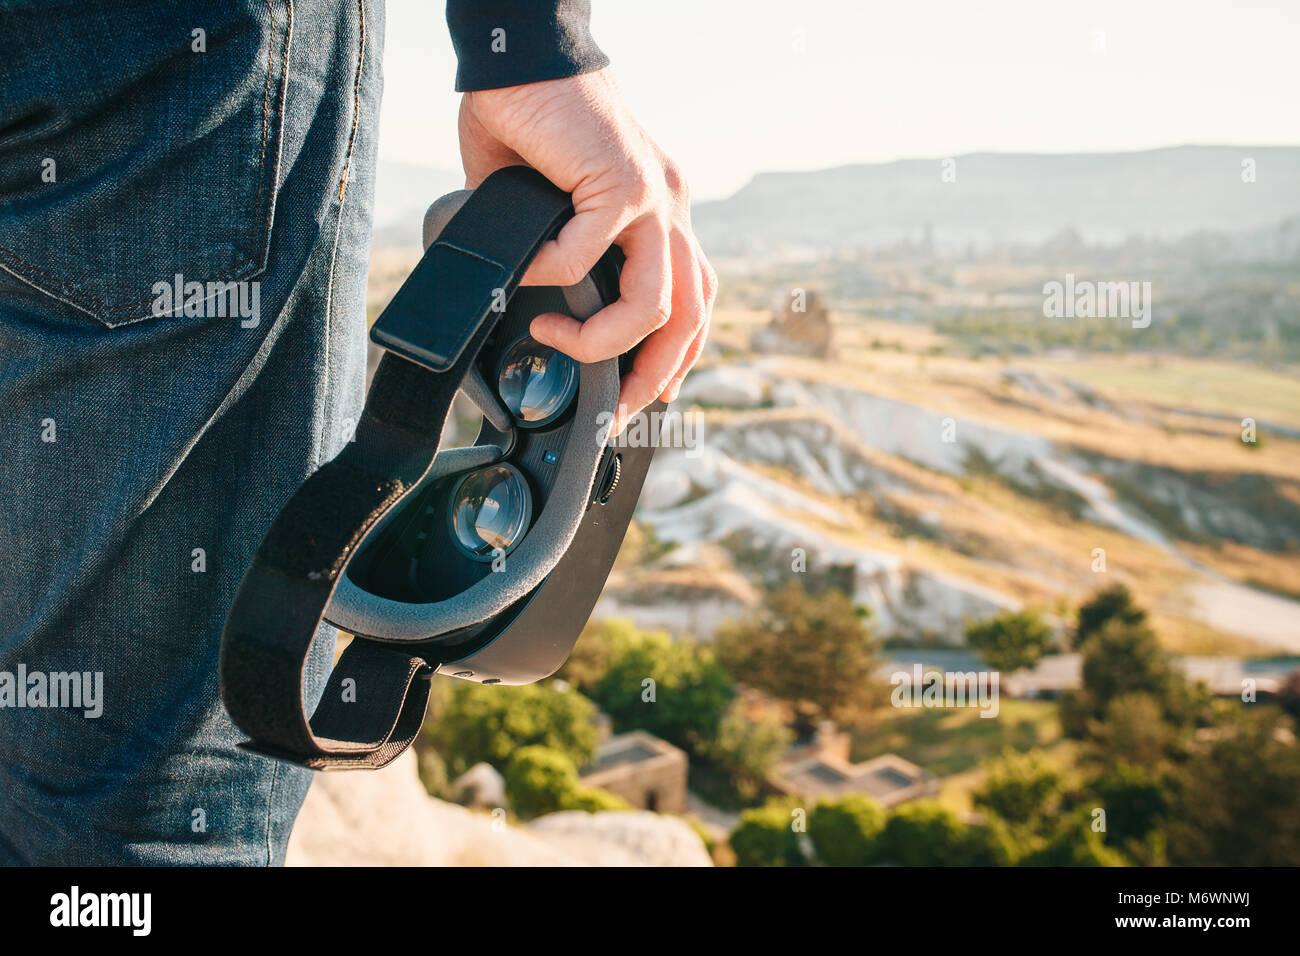 Gafas de realidad virtual. La tecnología del futuro concepto. La moderna tecnología de diagnóstico Imagen De Stock